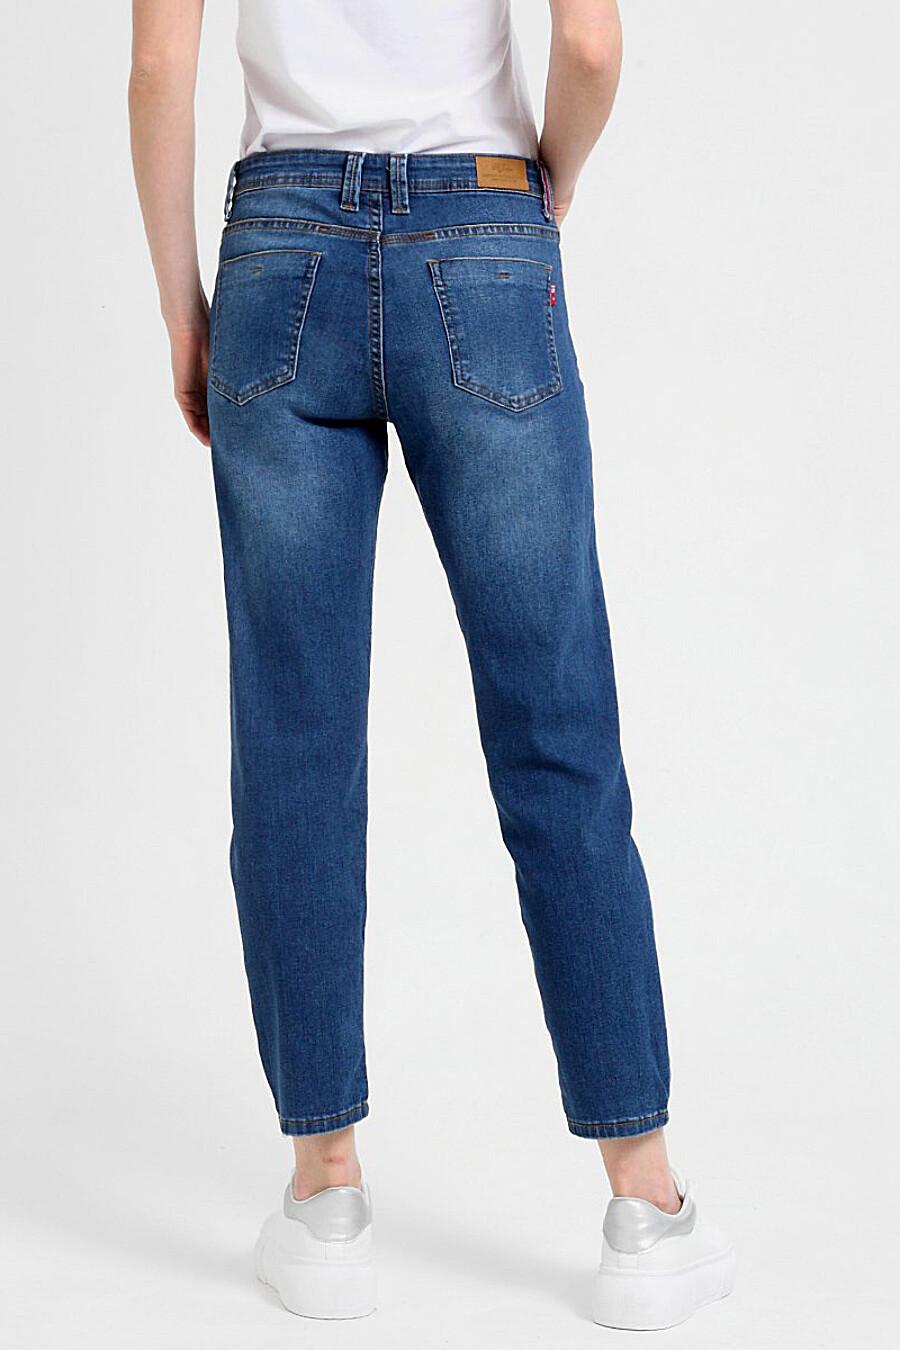 Джинсы для женщин F5 184825 купить оптом от производителя. Совместная покупка женской одежды в OptMoyo